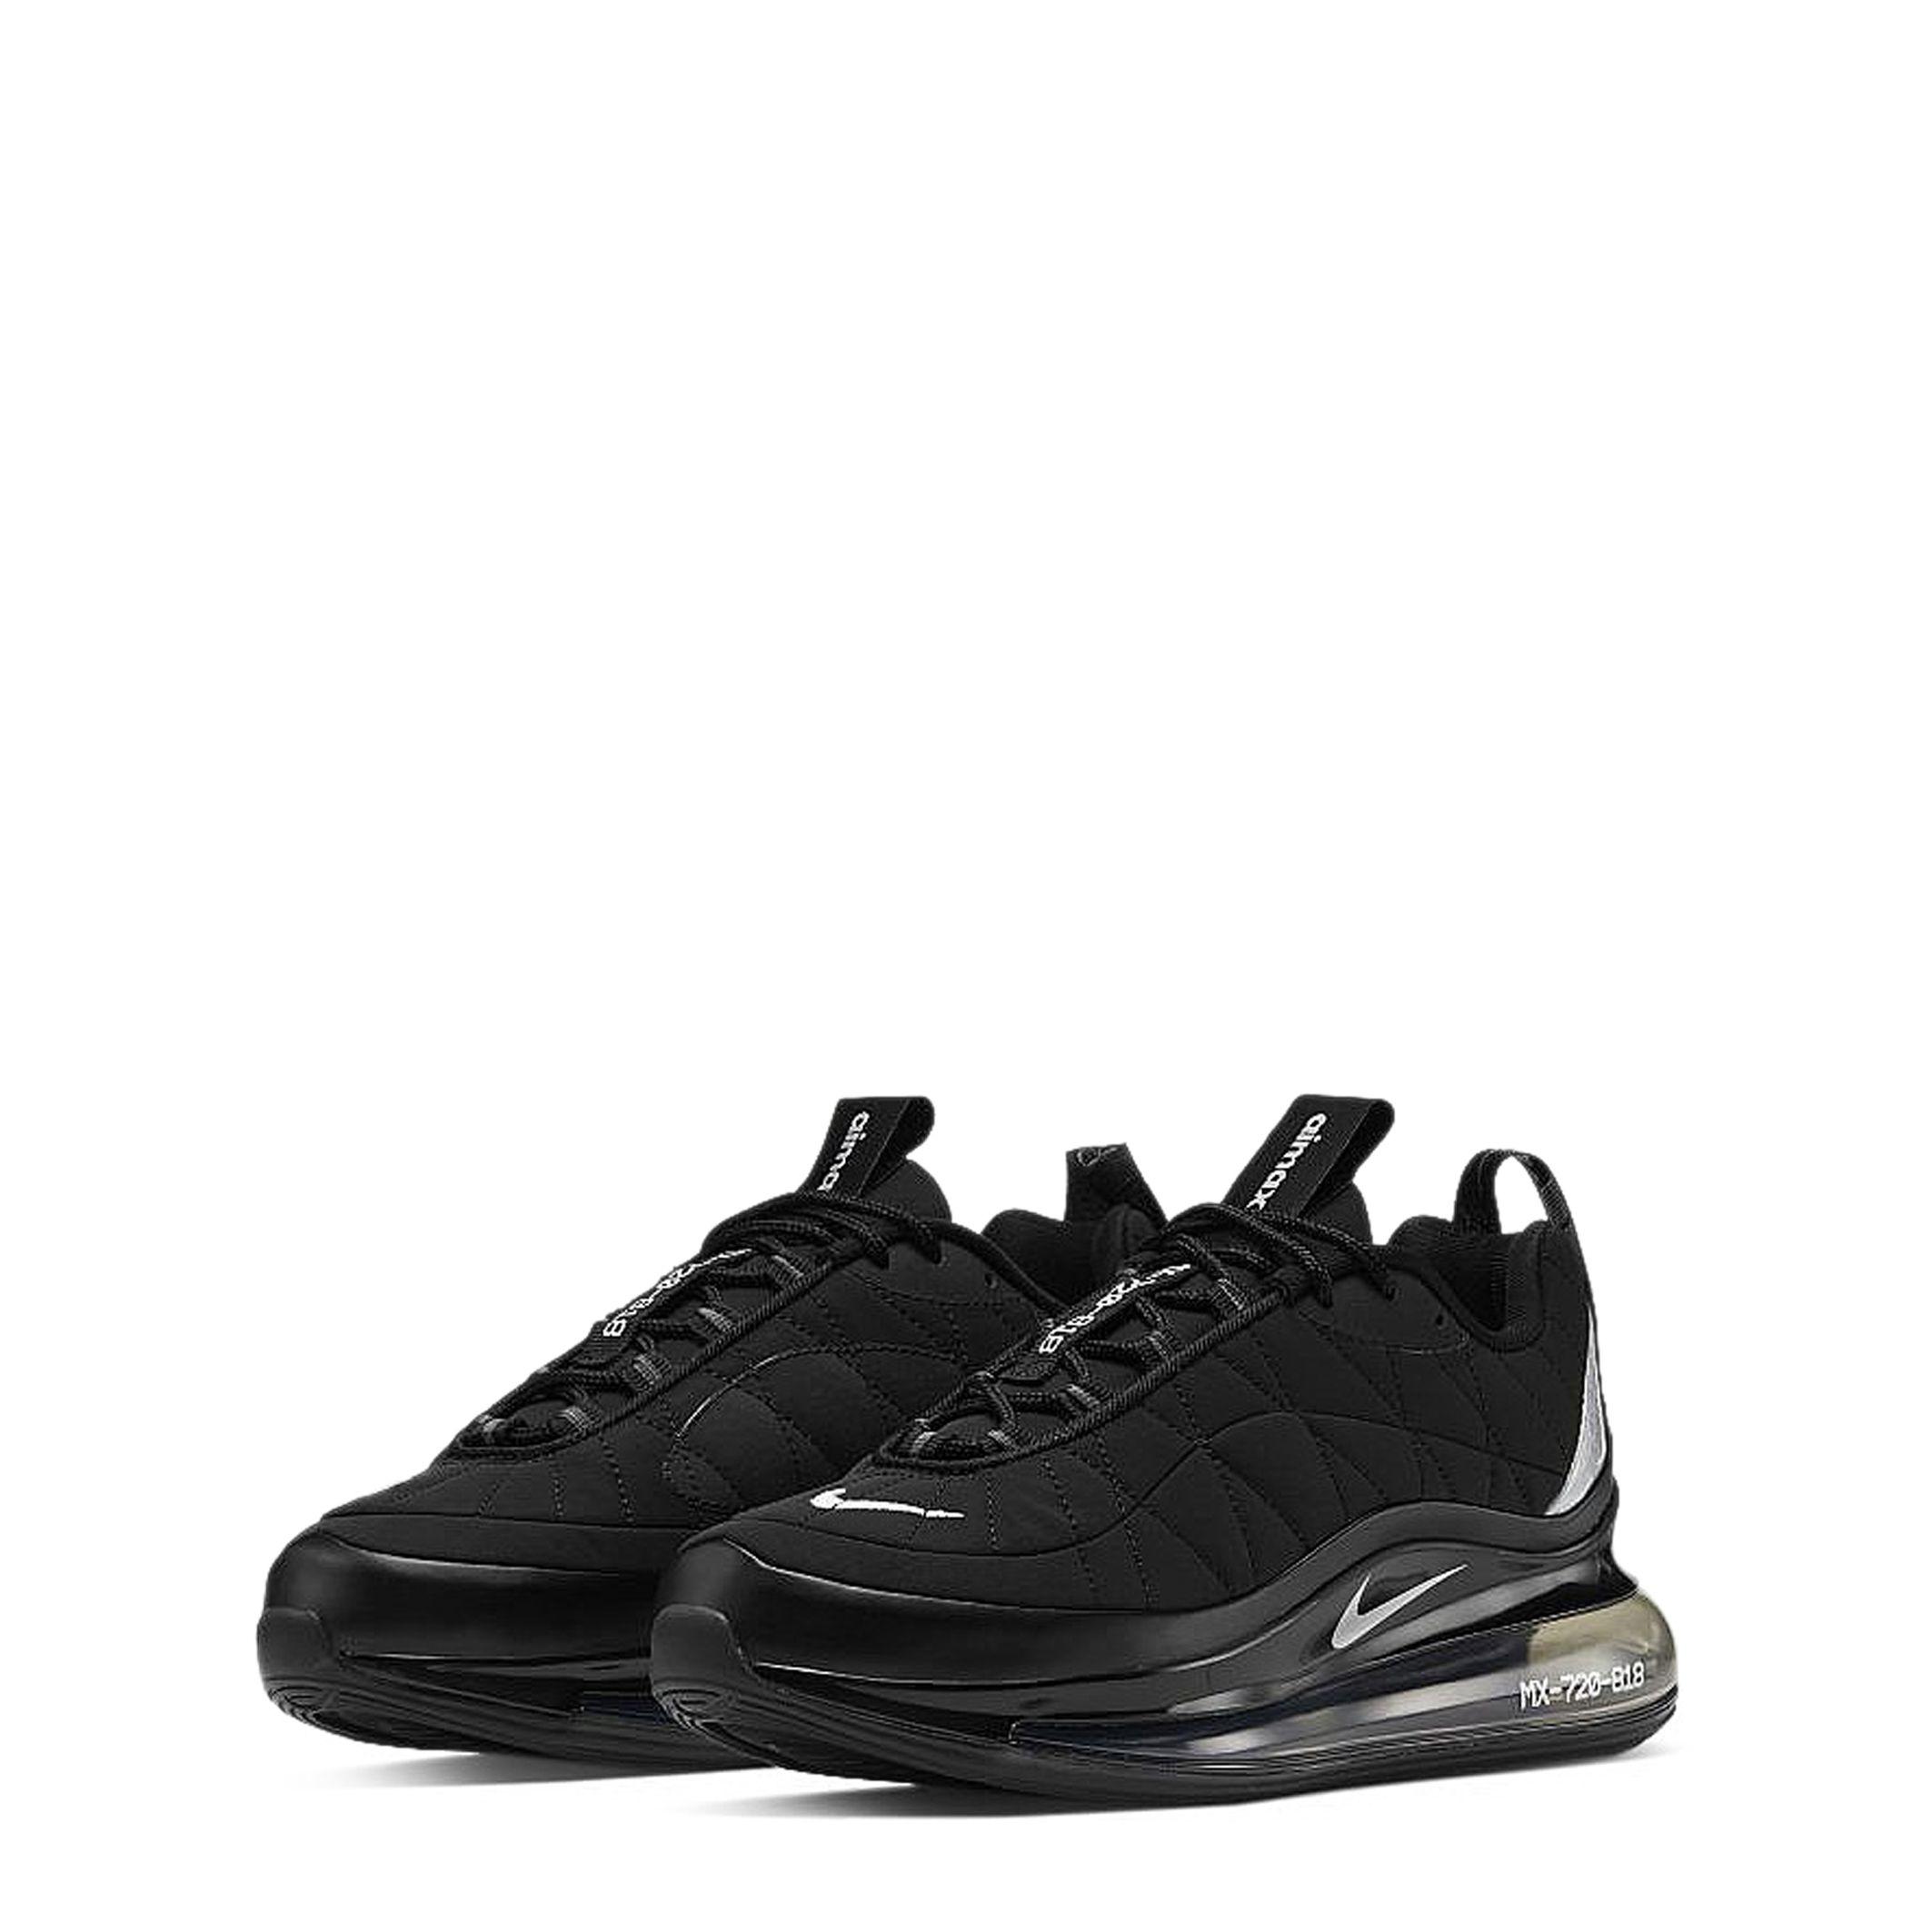 Nike – MX-720-818